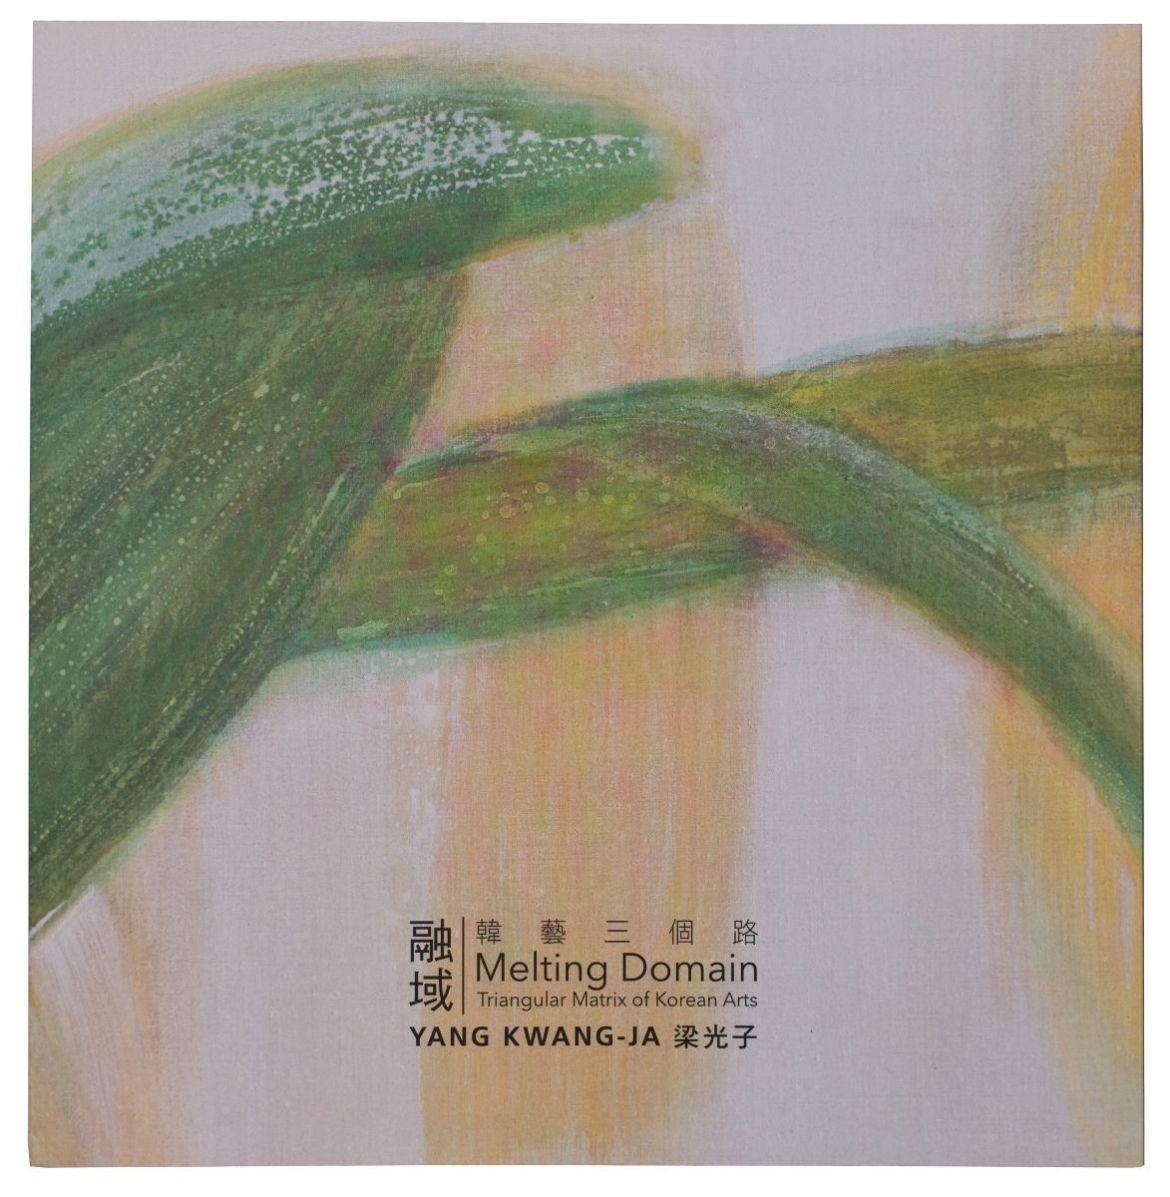 2015_Yang_Kwang-Ja_Melting_Domain_Ausstellungskatalog.jpg